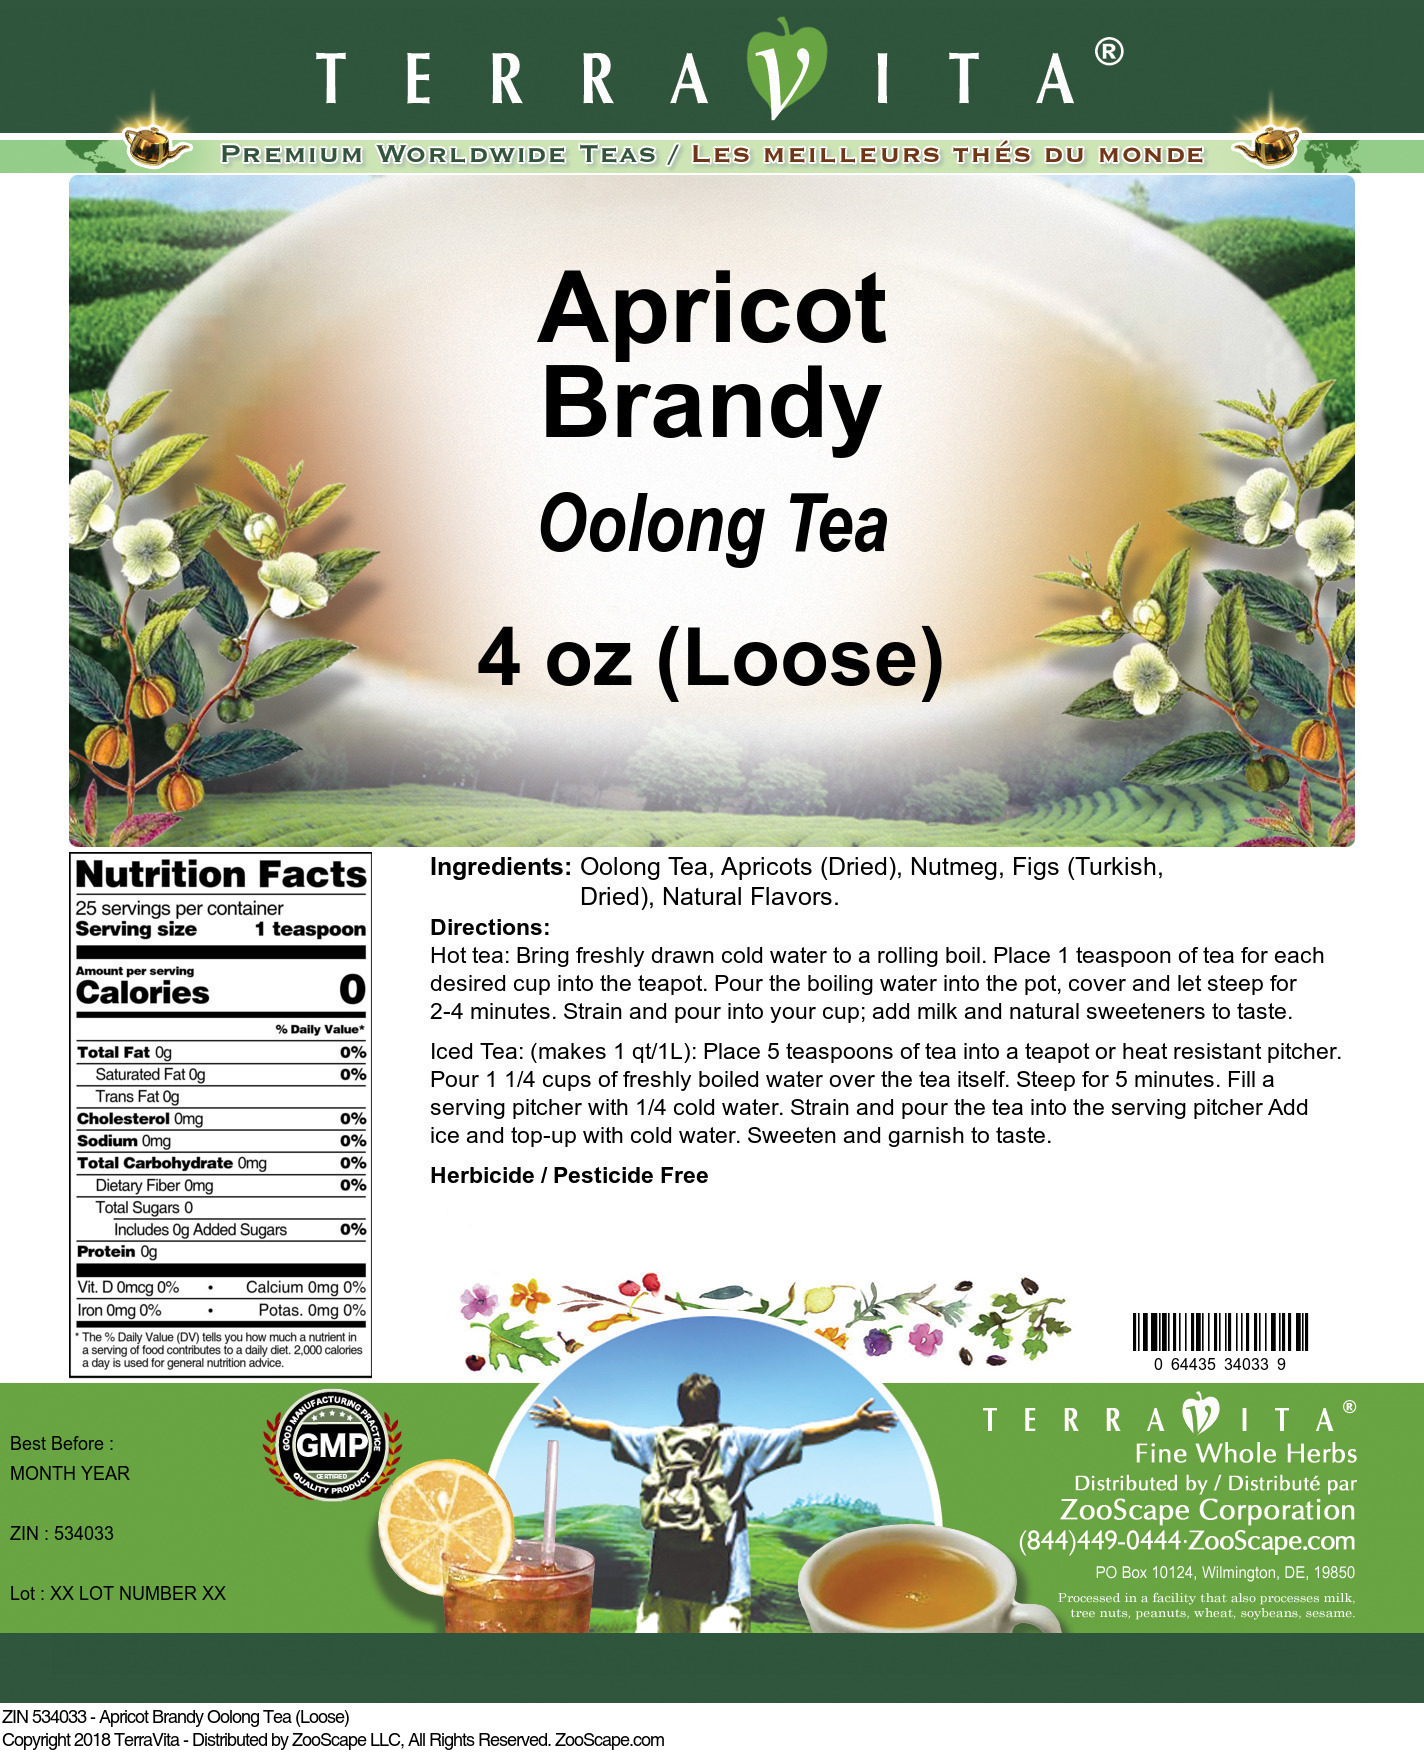 Apricot Brandy Oolong Tea (Loose)